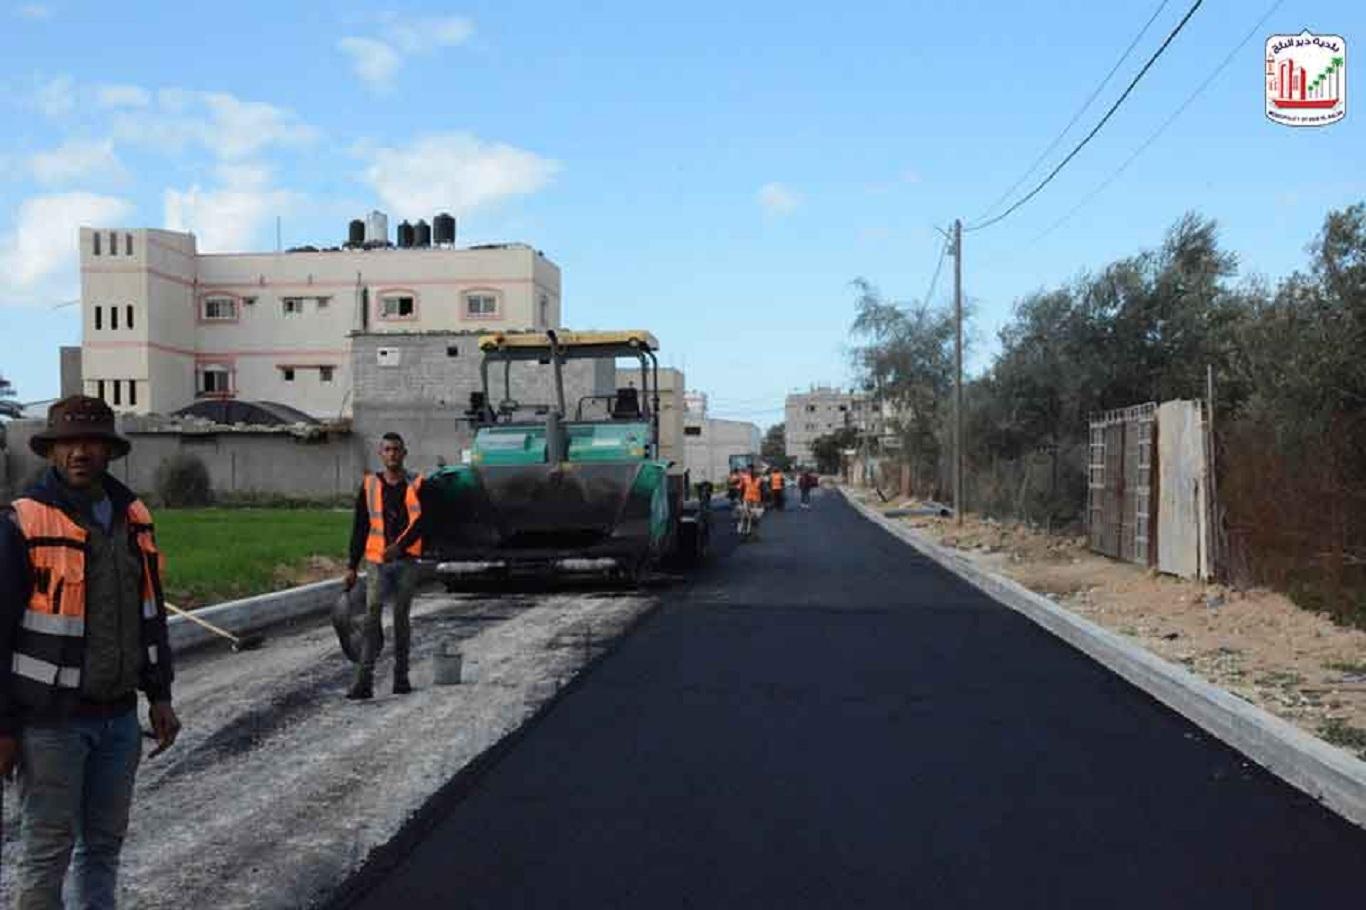 البدء بالمرحلة الثانية من أعمال رصف شوارع المنطقة الصناعية بالاسفلت ضمن مشروع تطوير المنطقة الصناعية